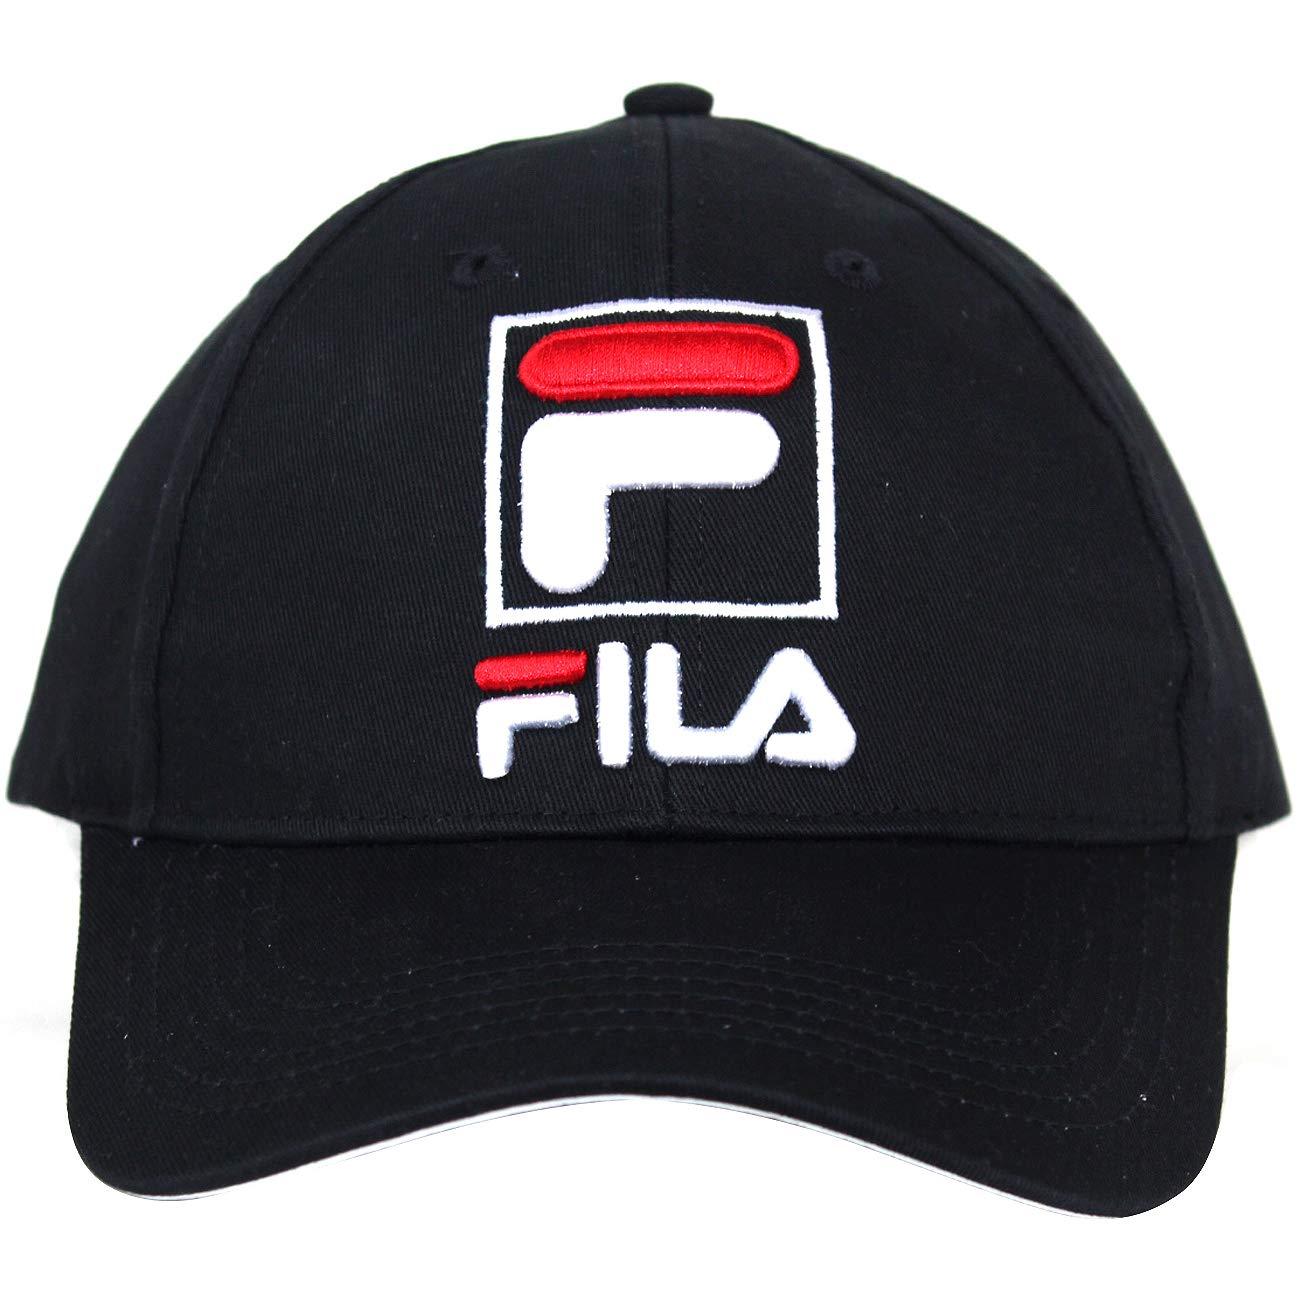 c8b3b933f73 Amazon.com  Fila Unisex Heritage Adjustable Baseball Cap hat with  Embroidered Logo (Black)  Clothing